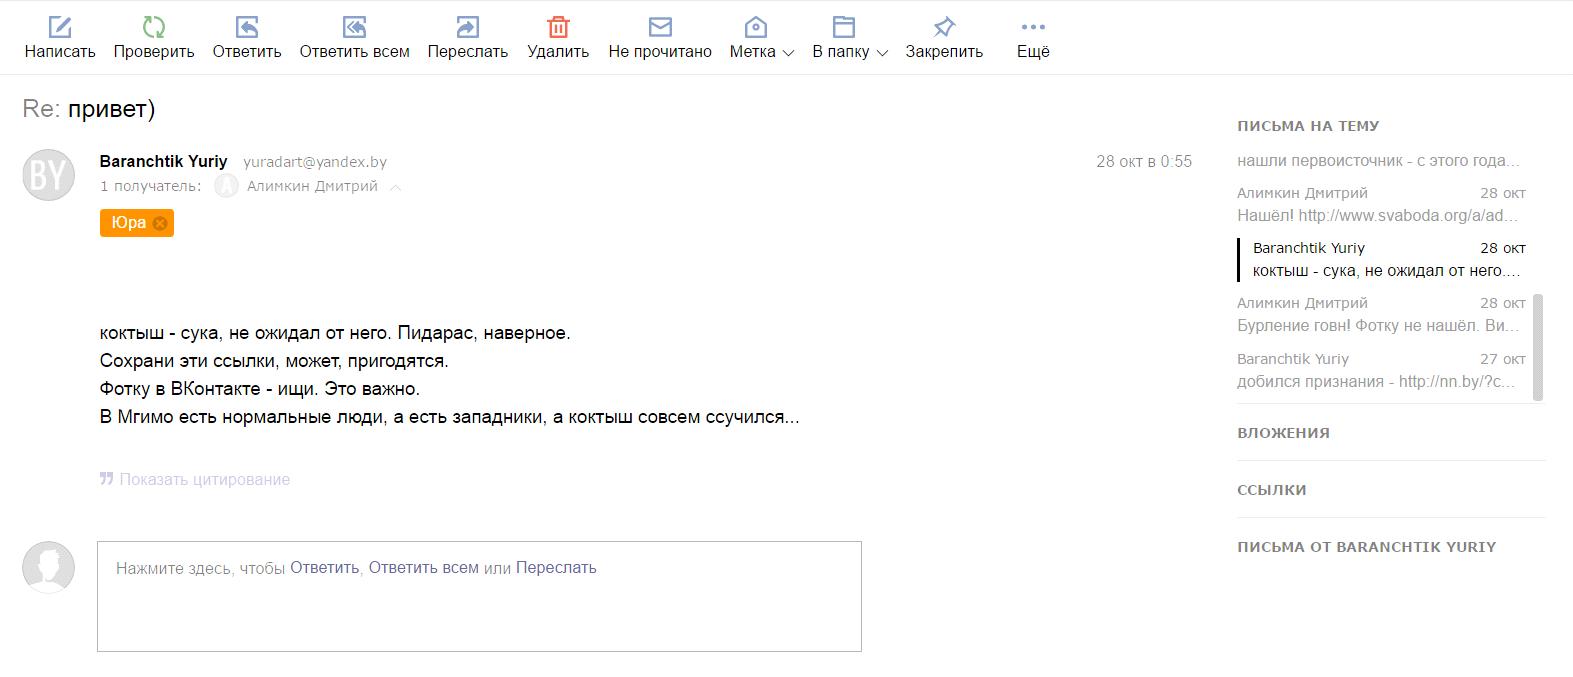 Переписка Павловца